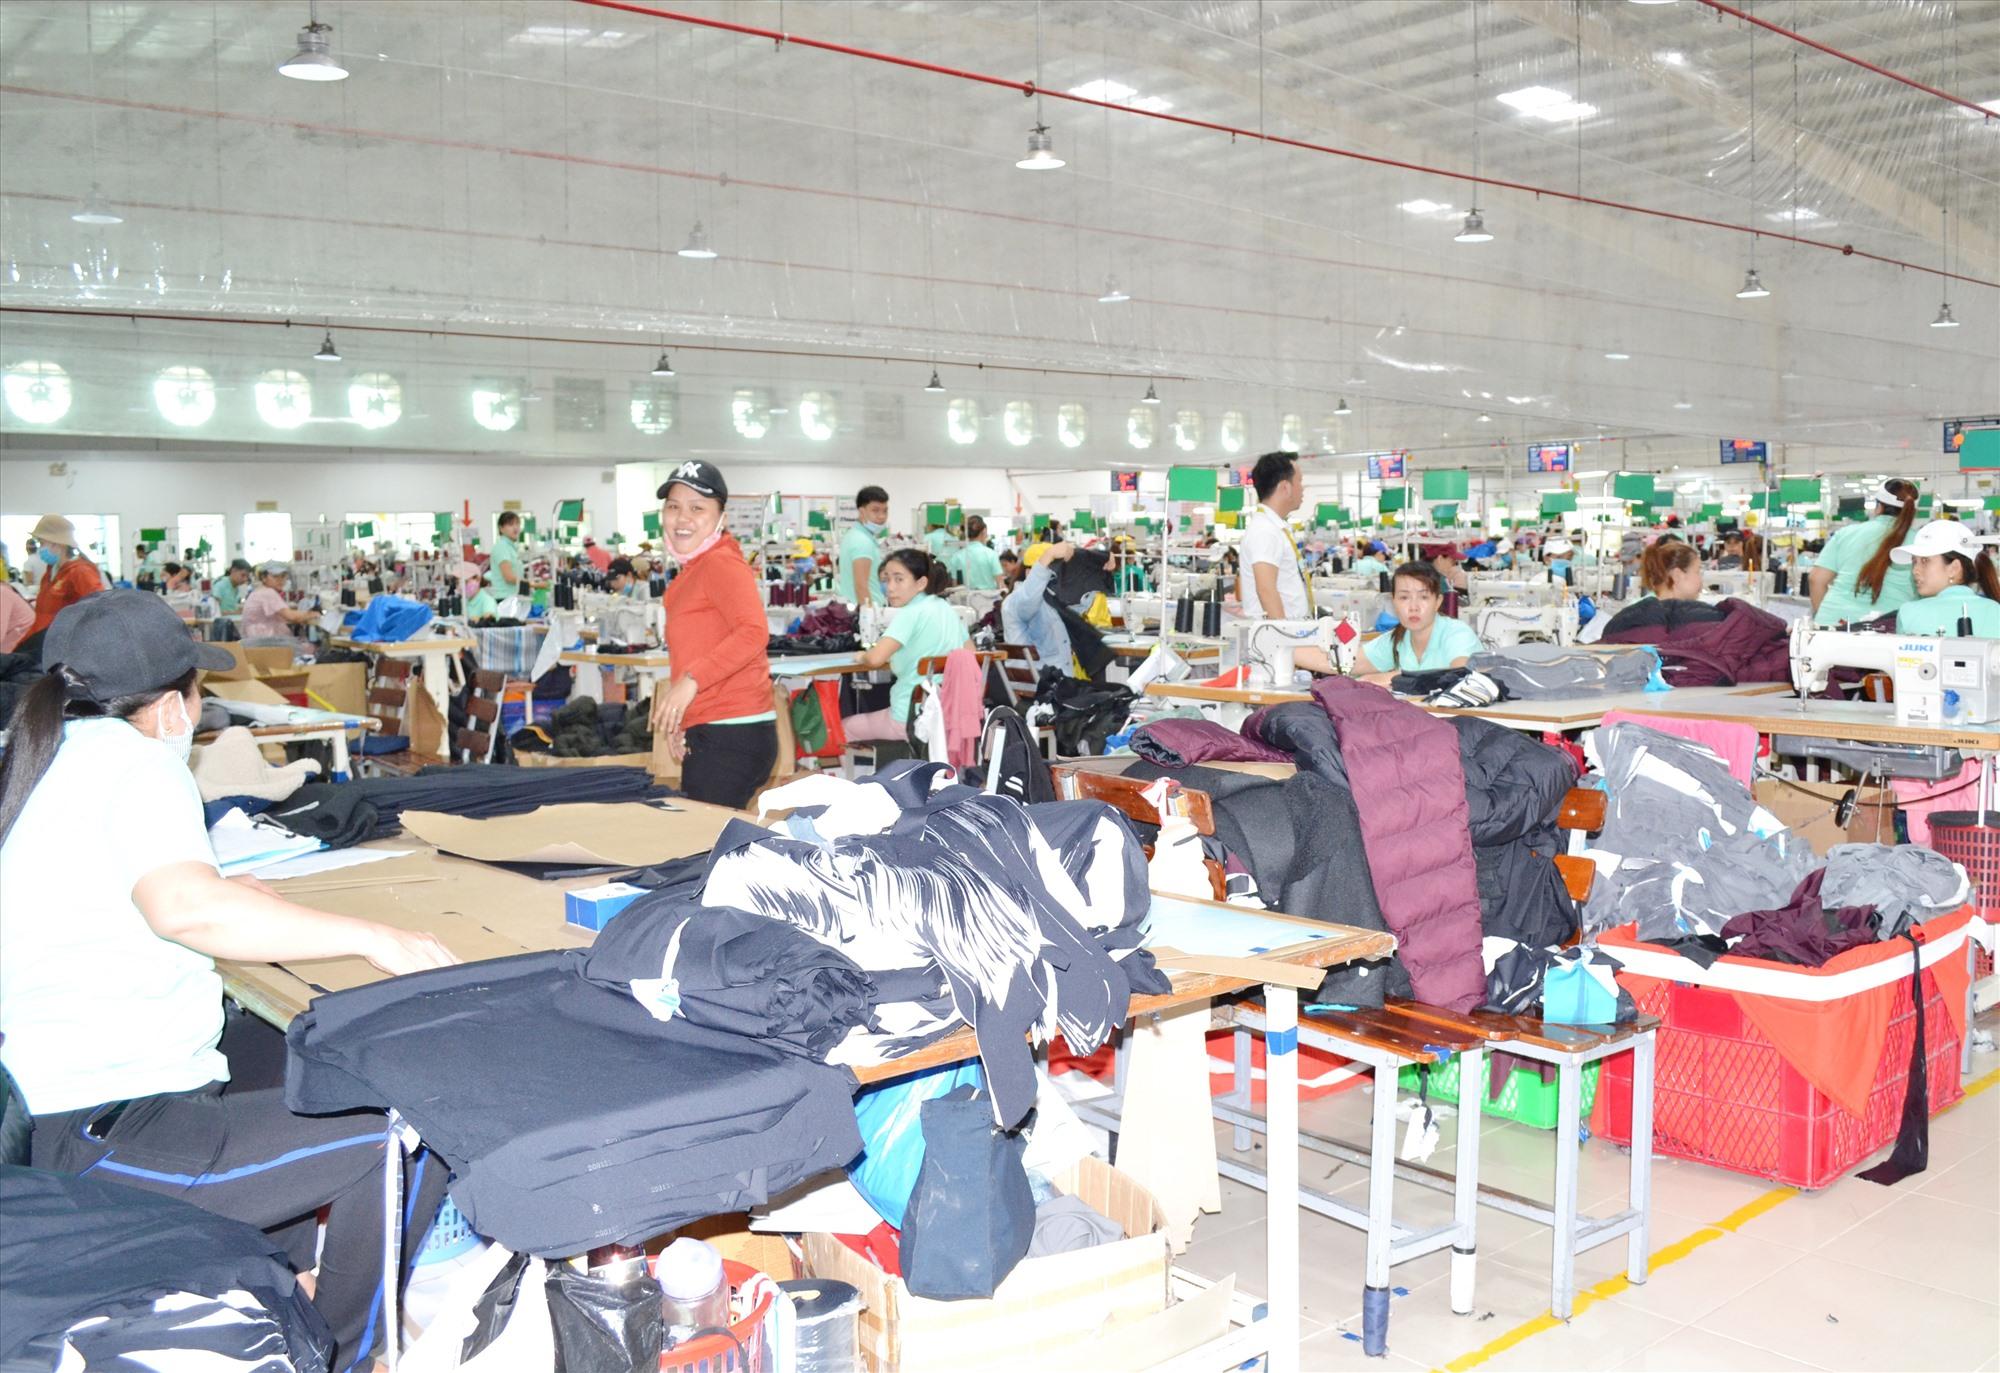 Tại CCN Hà Lam - Chợ Được, ngành may mặc hoạt động hiệu quả.